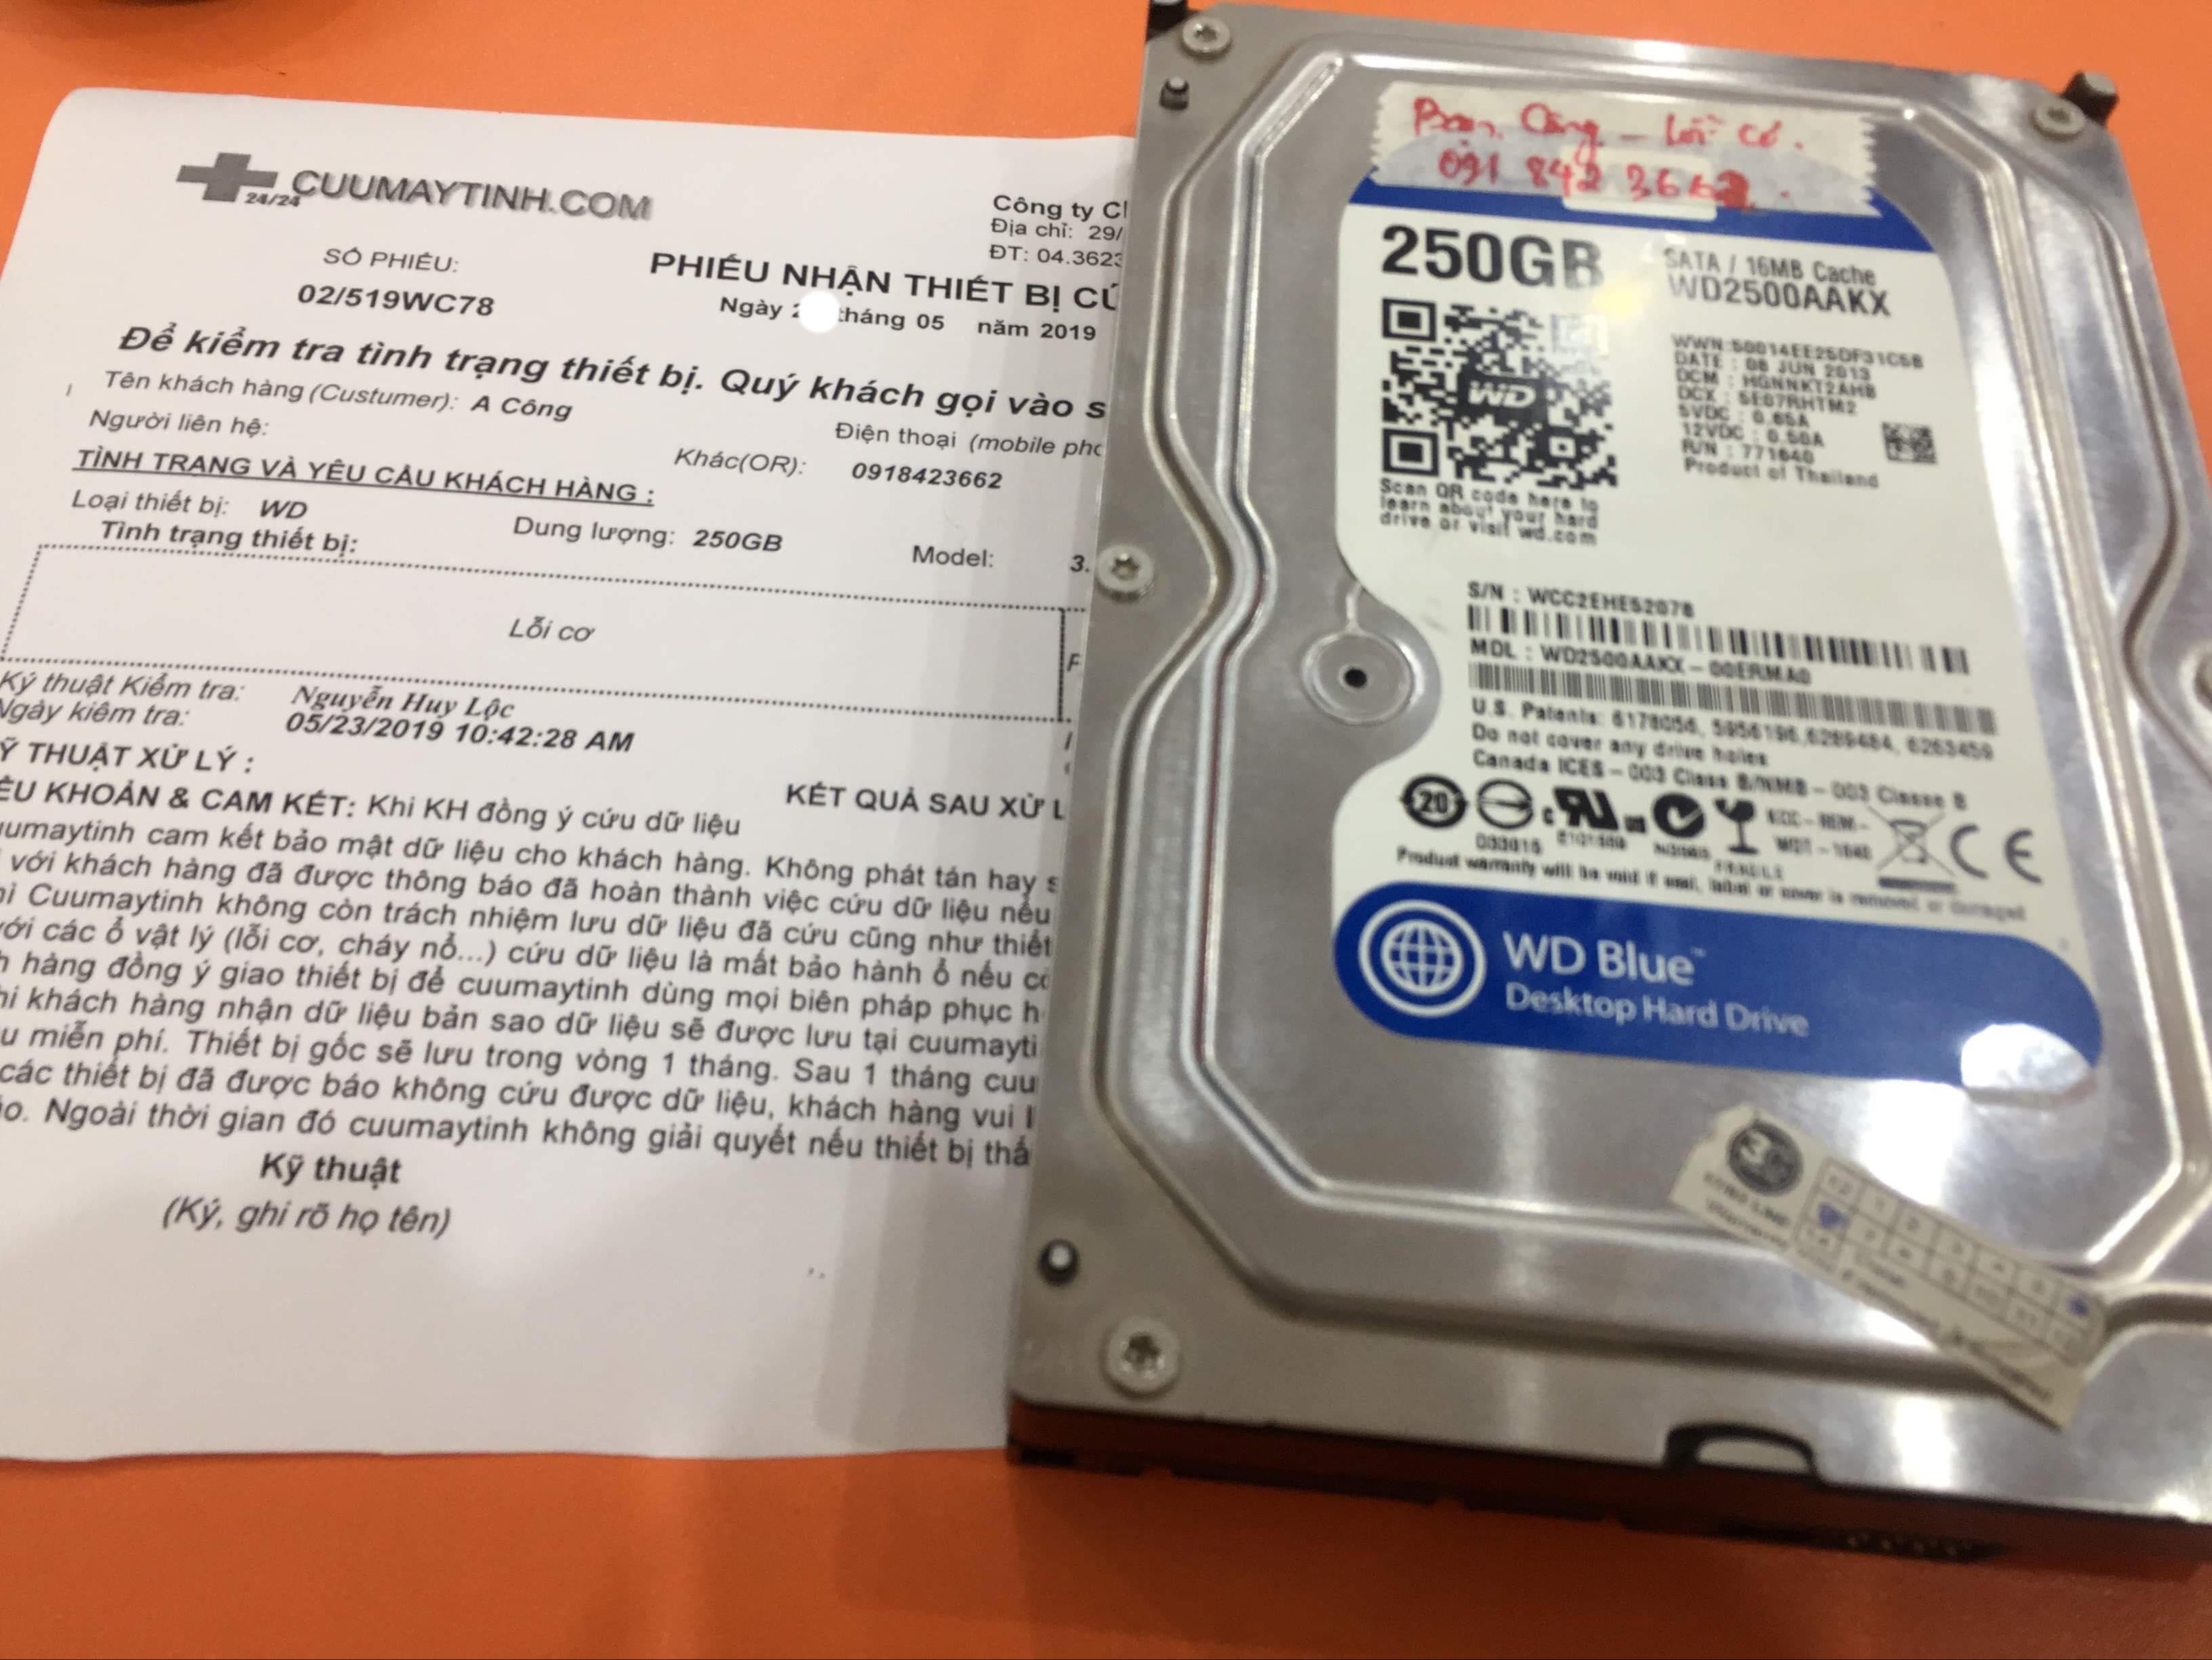 Lấy dữ liệu ổ cứng Western 250GB lỗi cơ 27/06/2019 - cuumaytinh